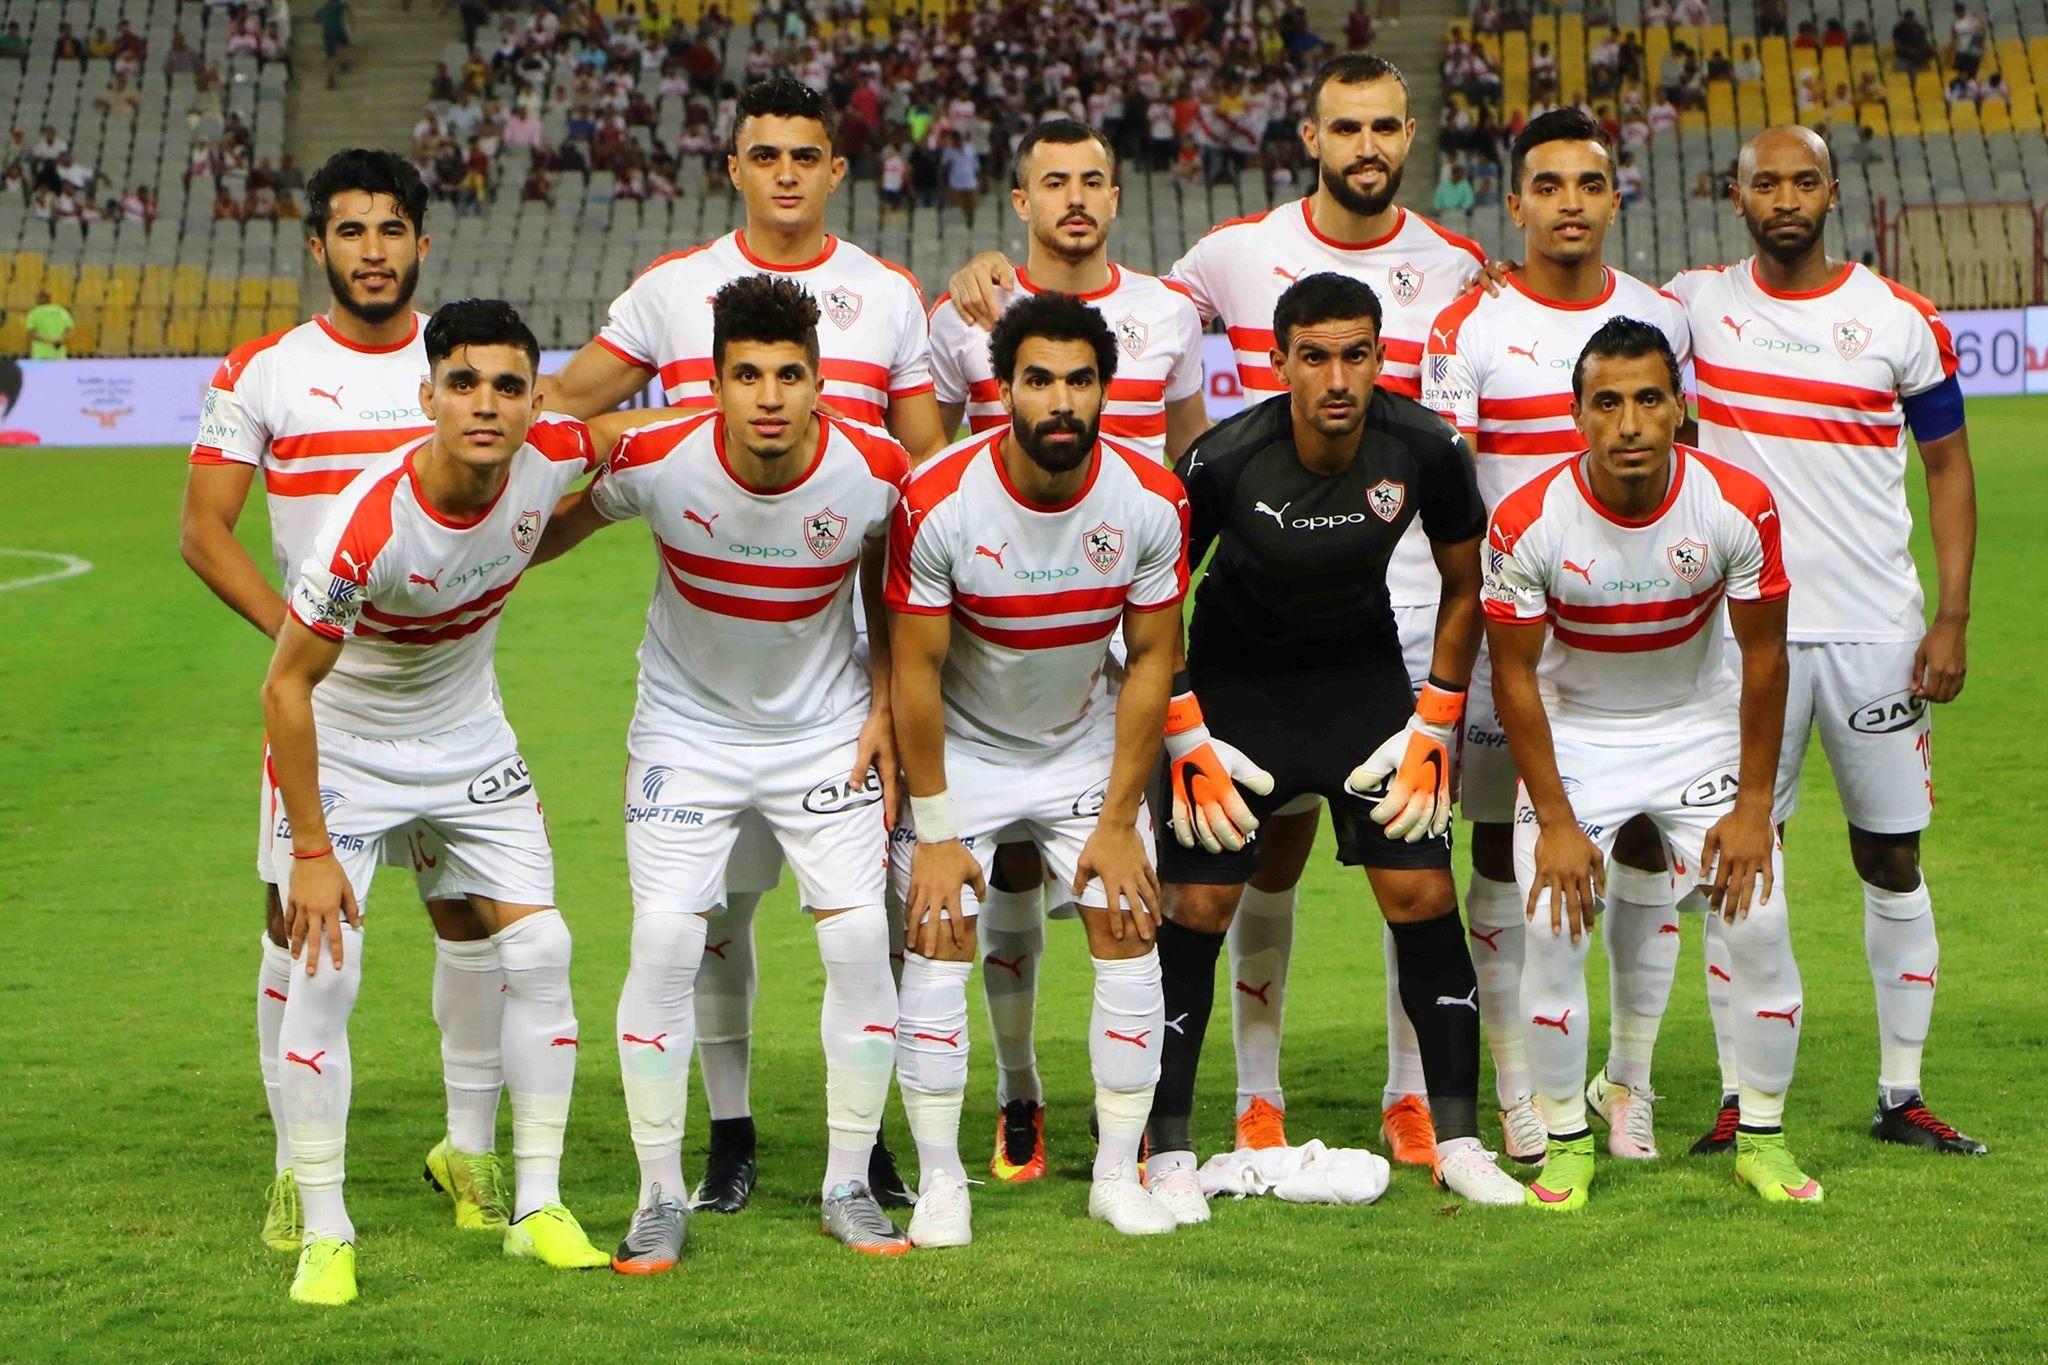 الوطن الزمالك يرفض تأجيل لقاء الإياب أمام ديكاداها والمدير الفنى الجديد يصل القاهرة Soccer Field Sports Football